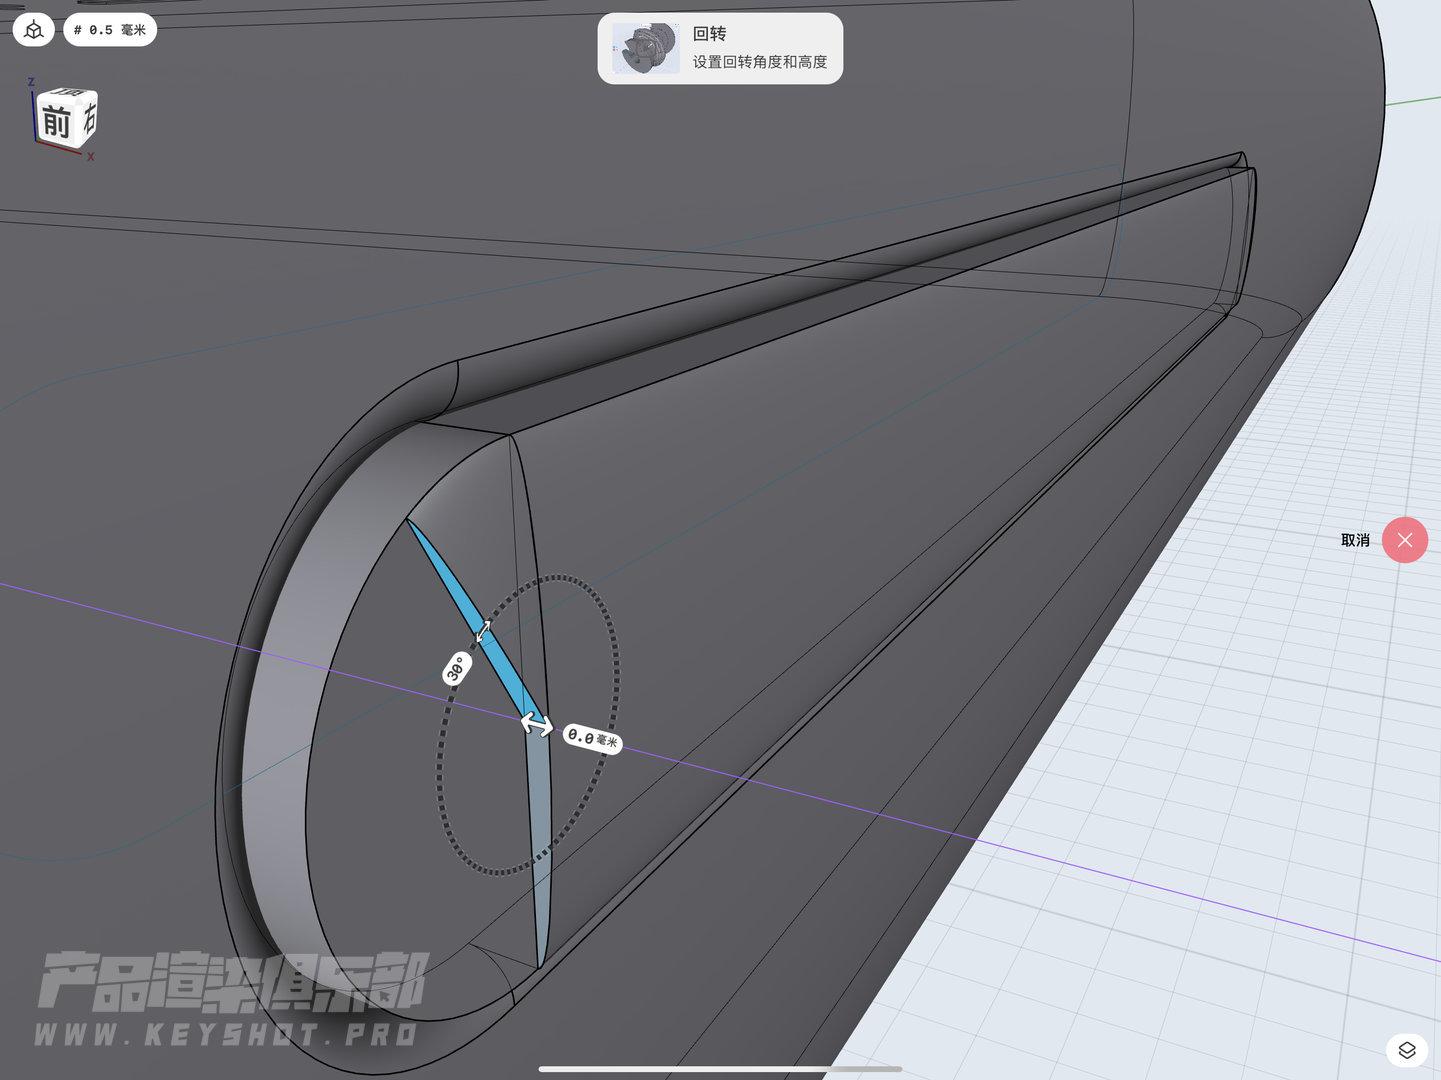 iPad 建模工具 Sharpr3D 体验